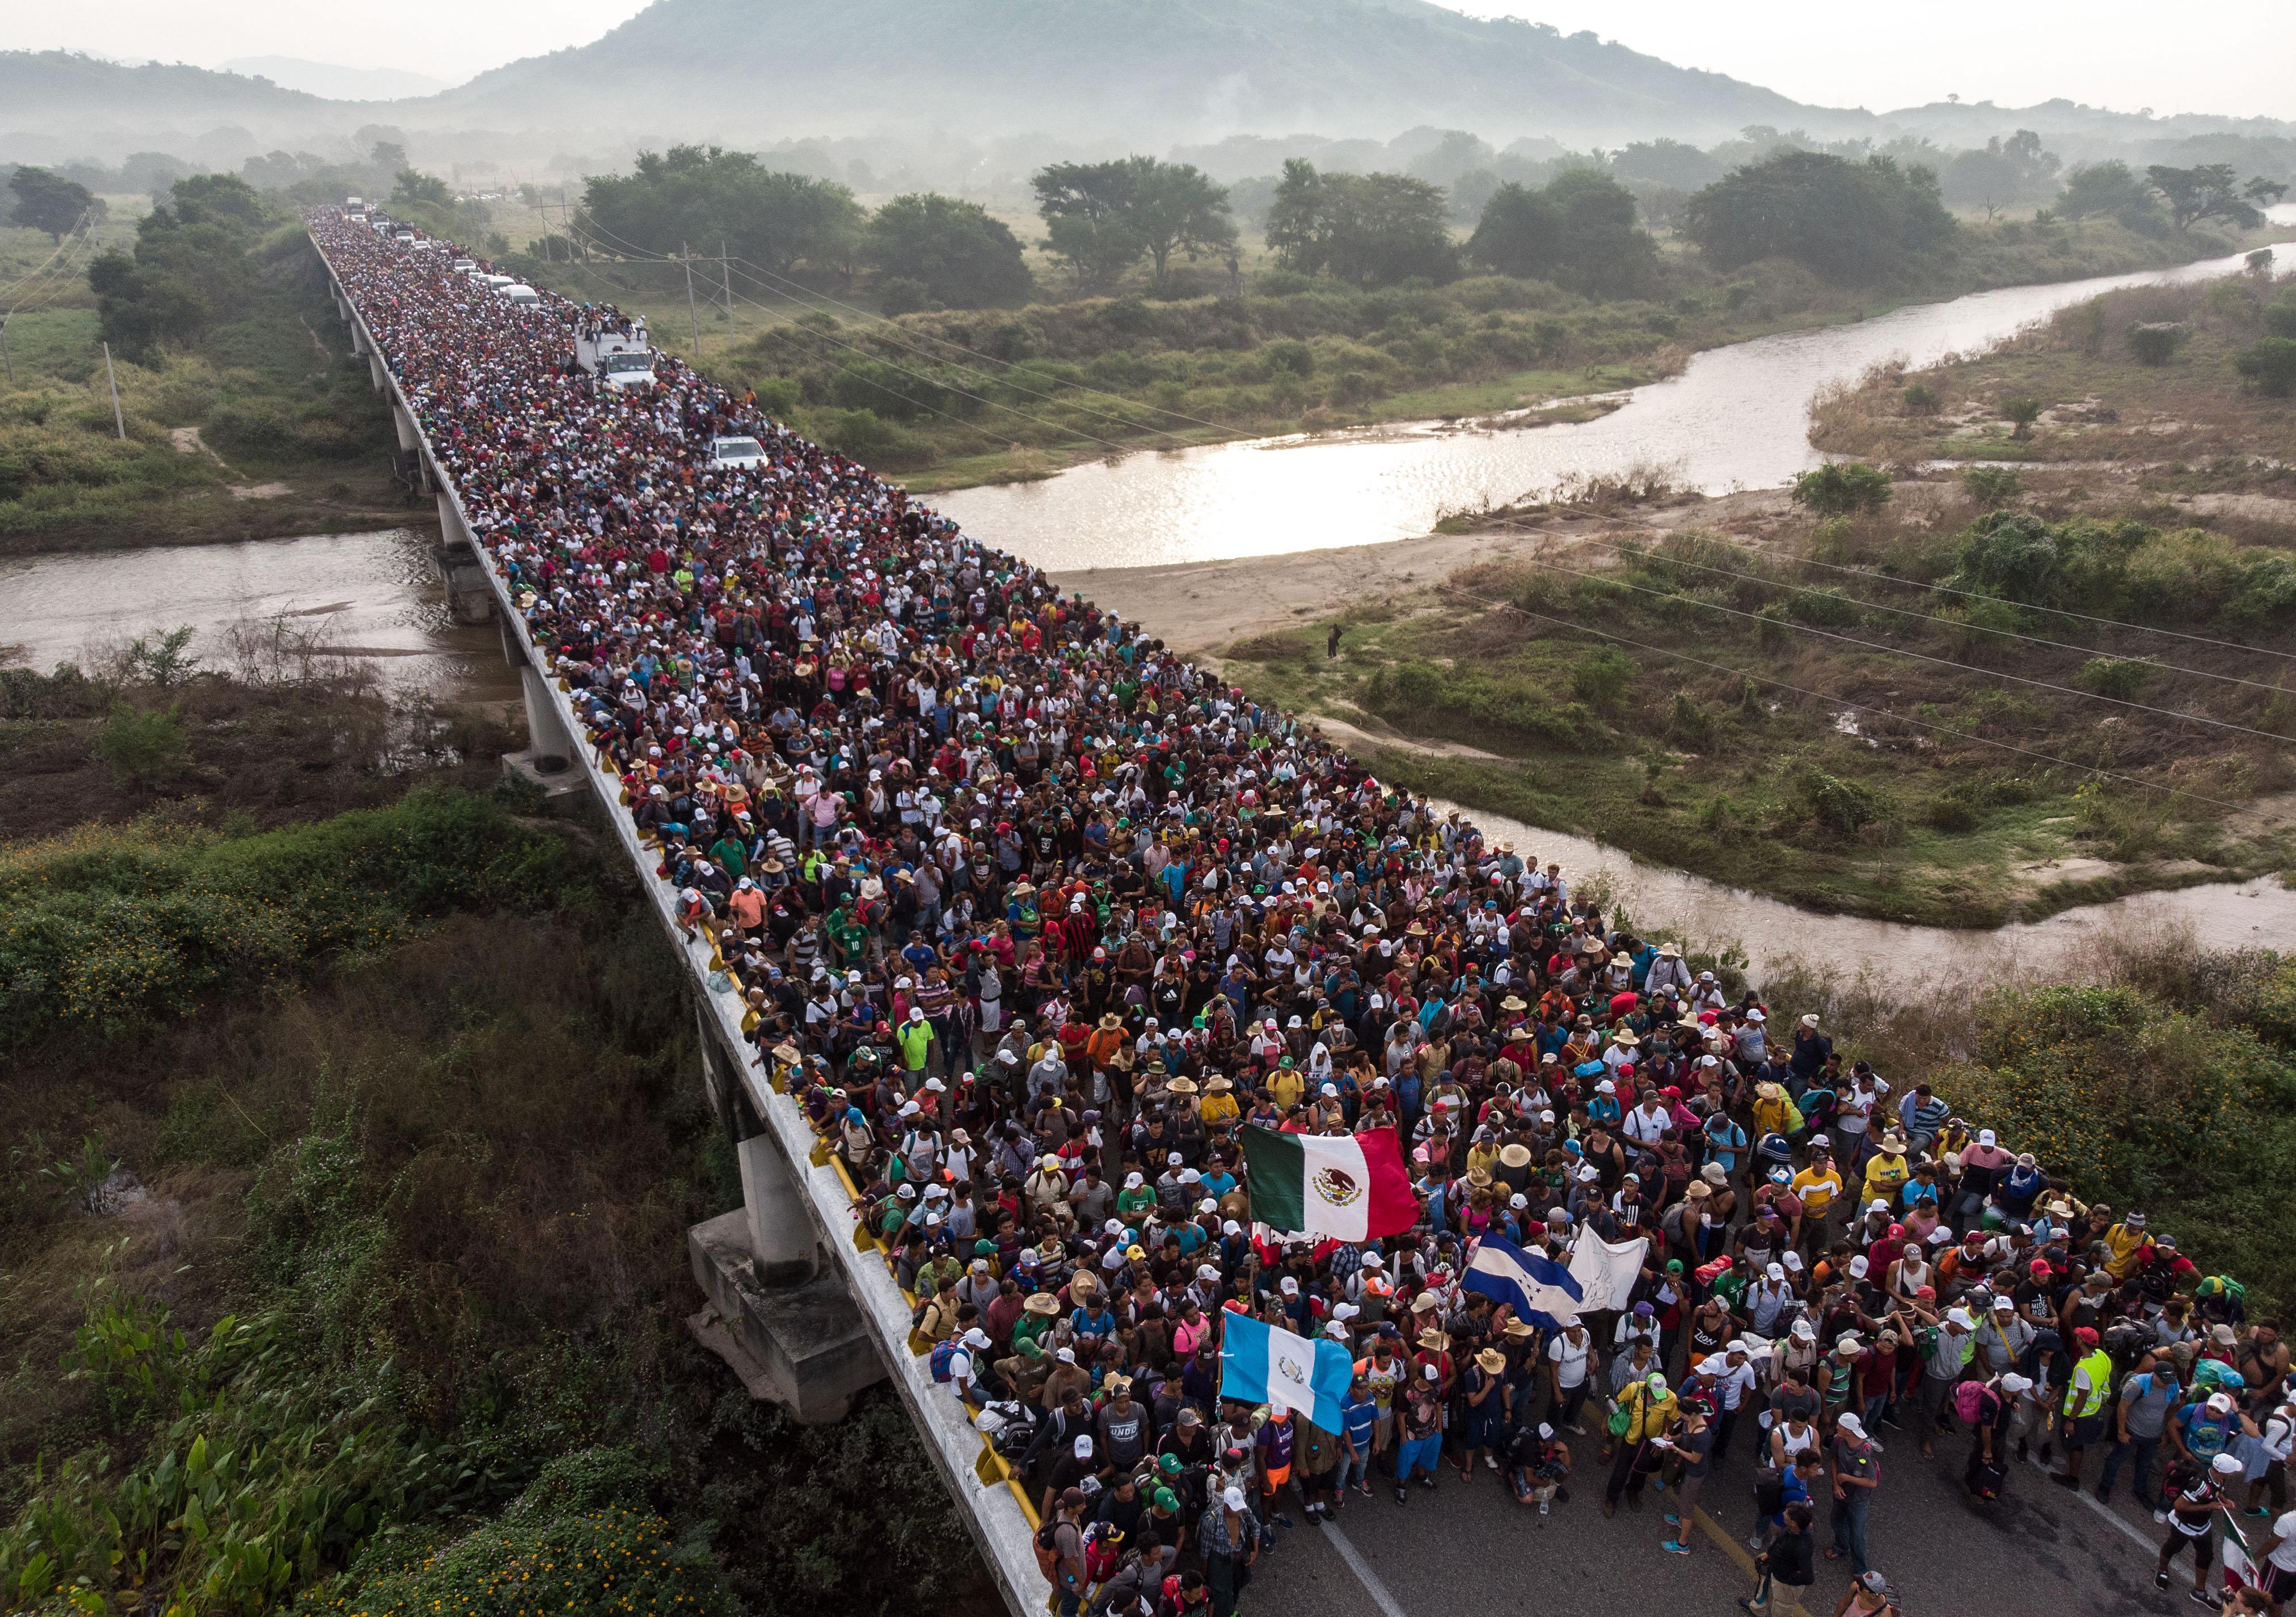 Hunderte Migranten aus Honduras beginnen Marsch Richtung USA